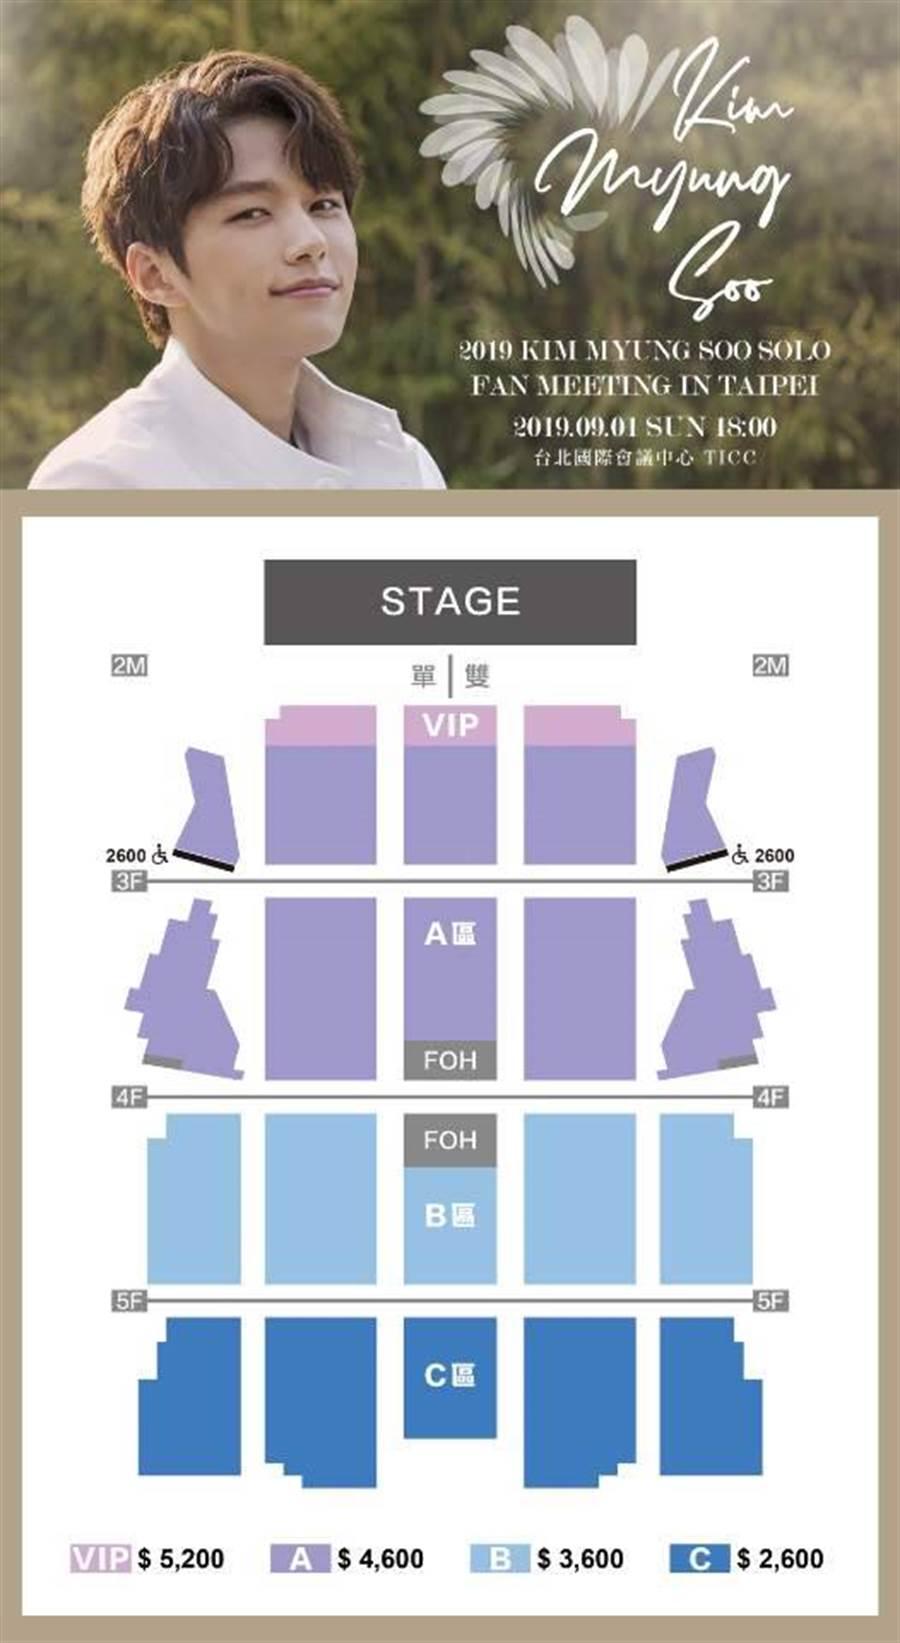 金明洙見面會座位圖與票價。(圖/紅星娛樂提供)